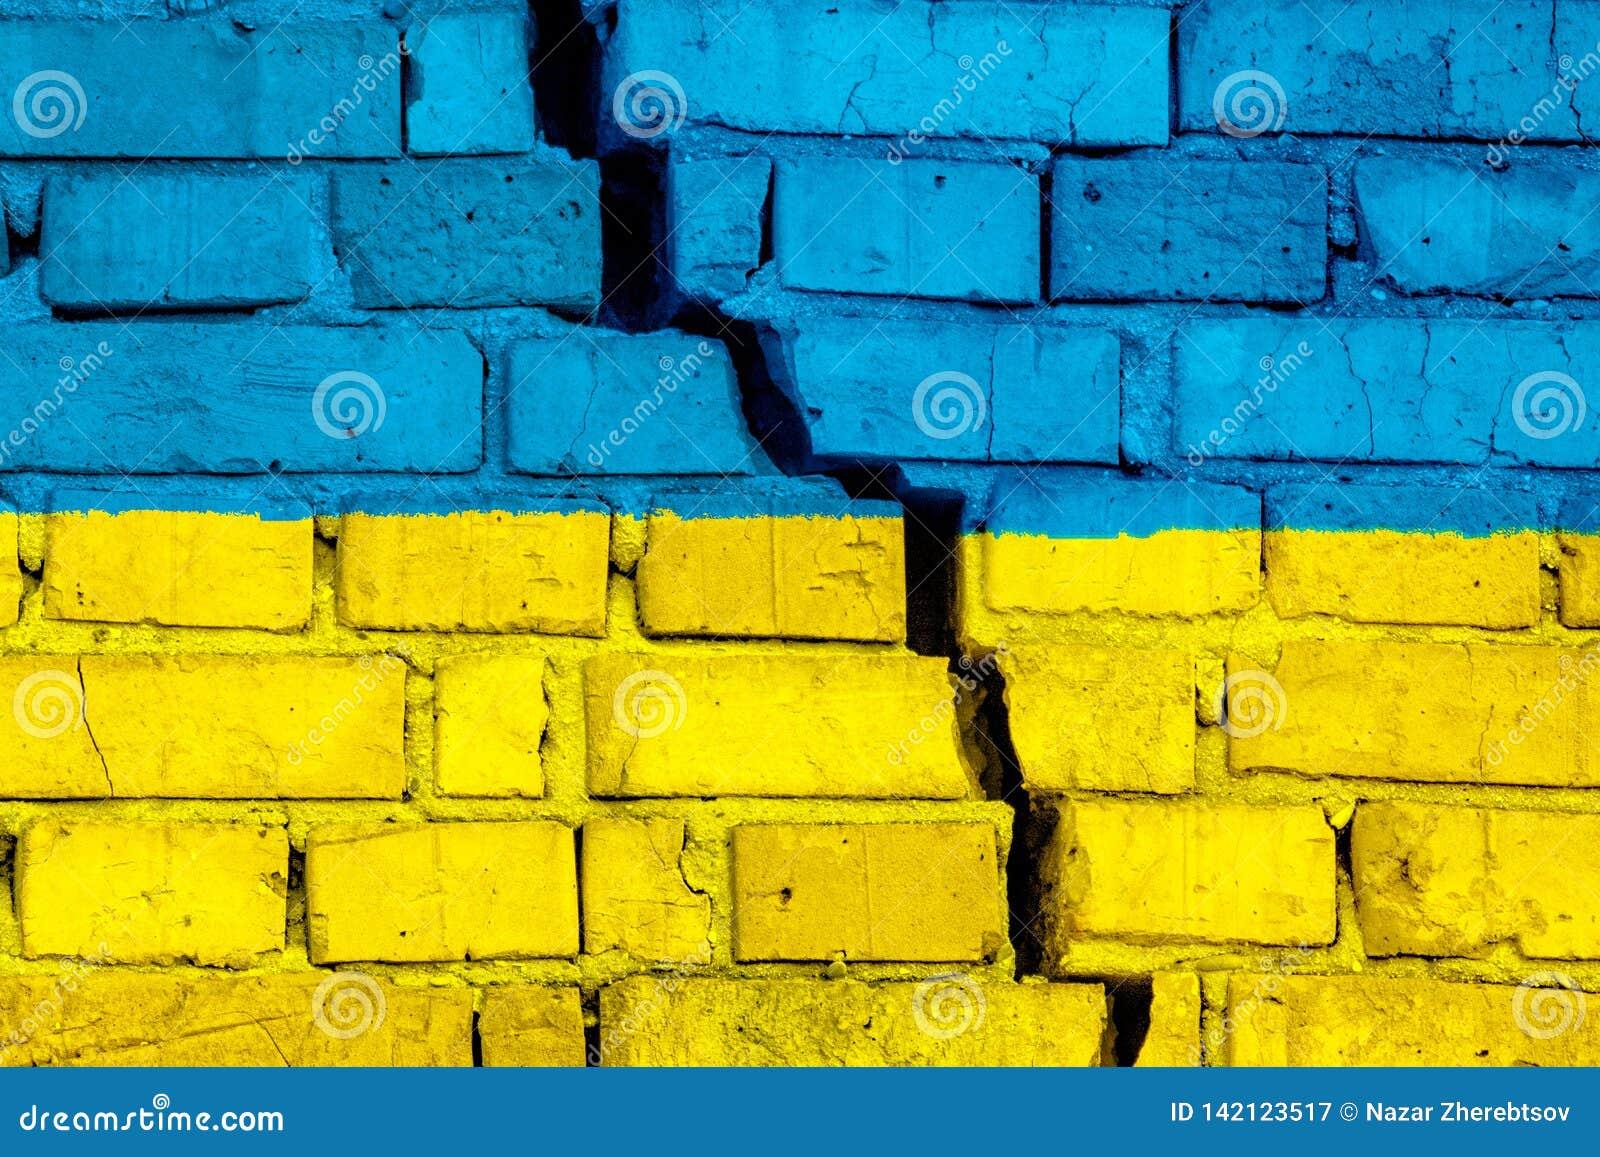 Σημαία της Ουκρανίας στο τουβλότοιχο με τη μεγάλη ρωγμή στη μέση Έννοια καταστροφής και αυτονομισμού